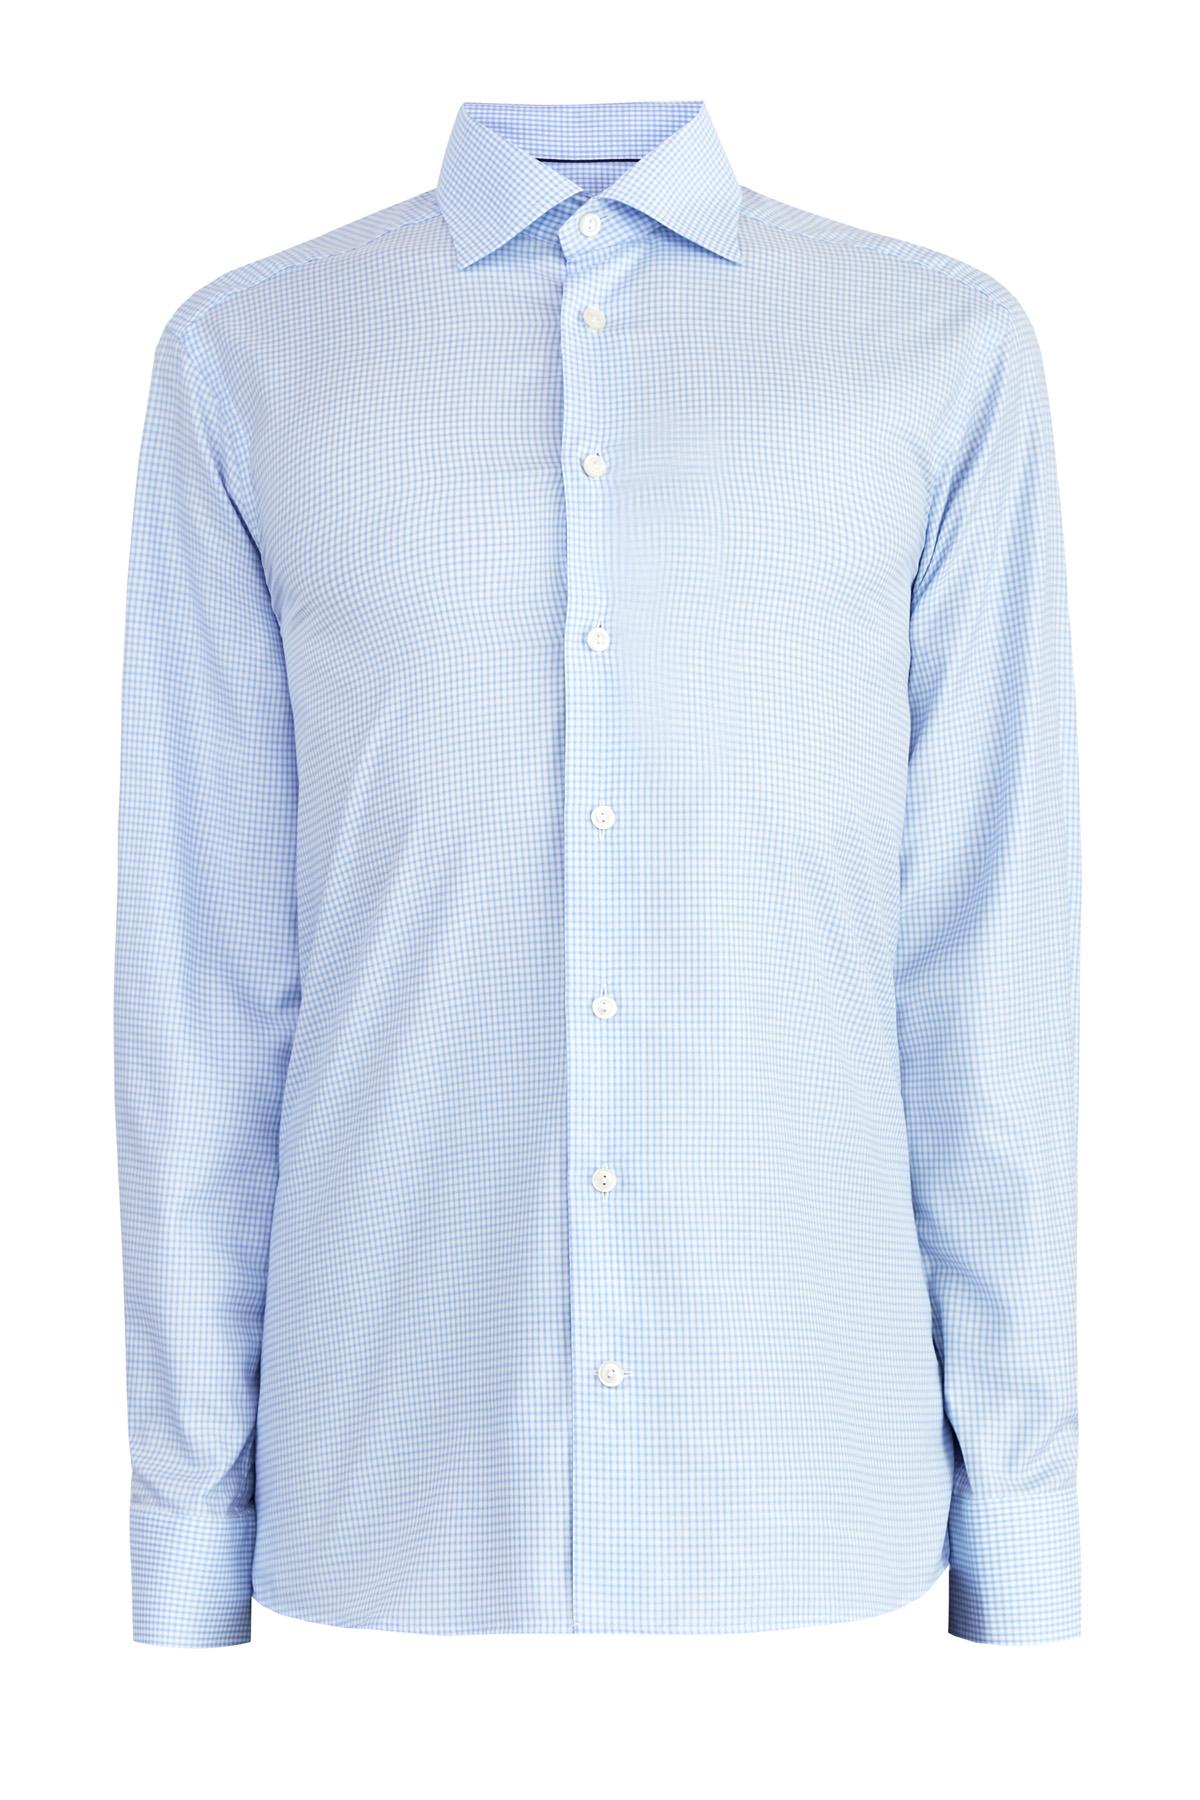 Рубашка классического силуэта Contemporary с микро-принтом в клетку